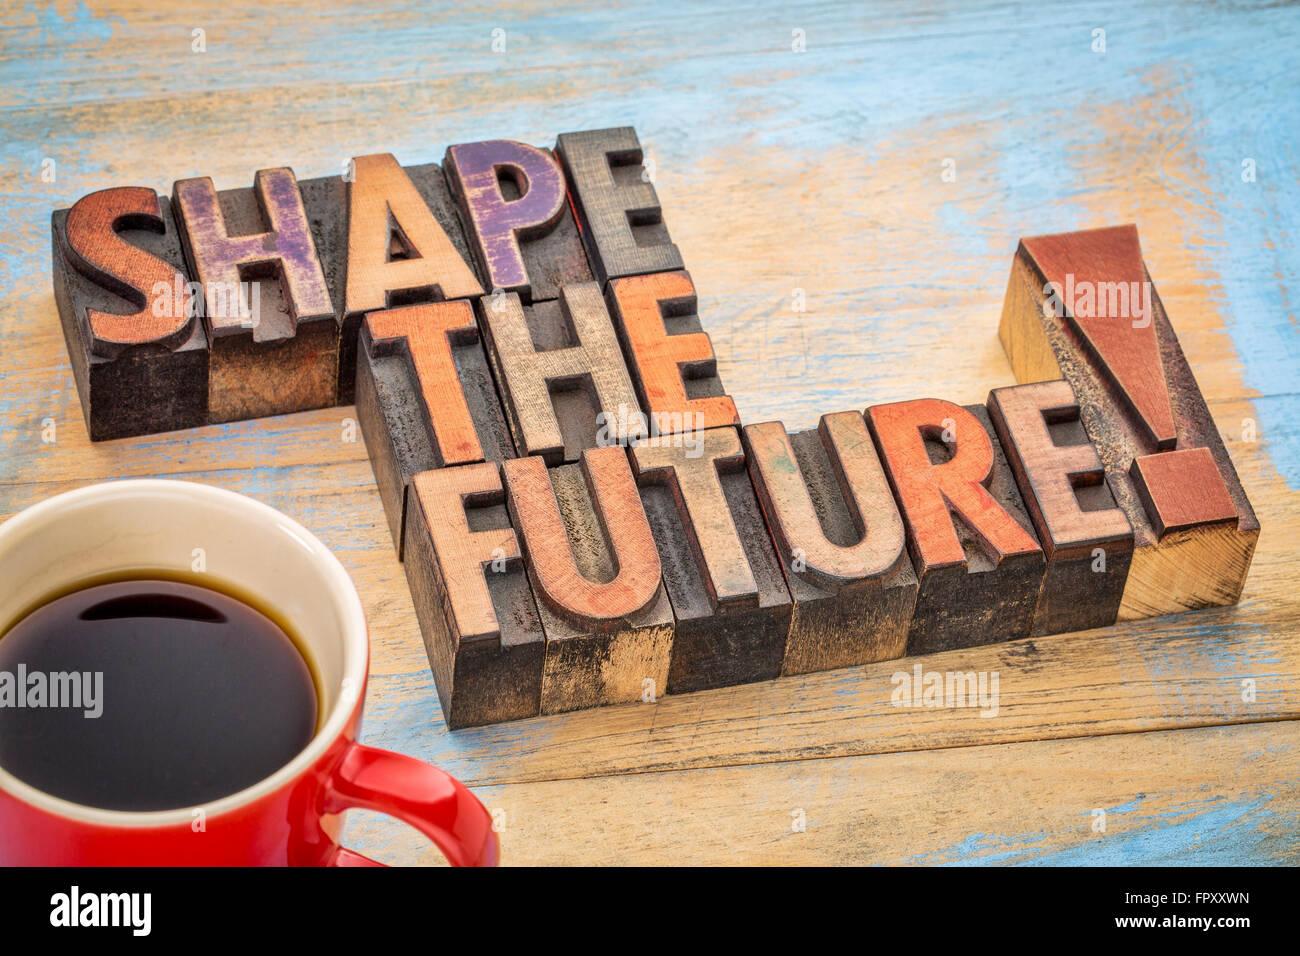 Forma al futuro - frase motivazionale in rilievografia vintage tipo legno blocchi colorati da inchiostri a colori Immagini Stock